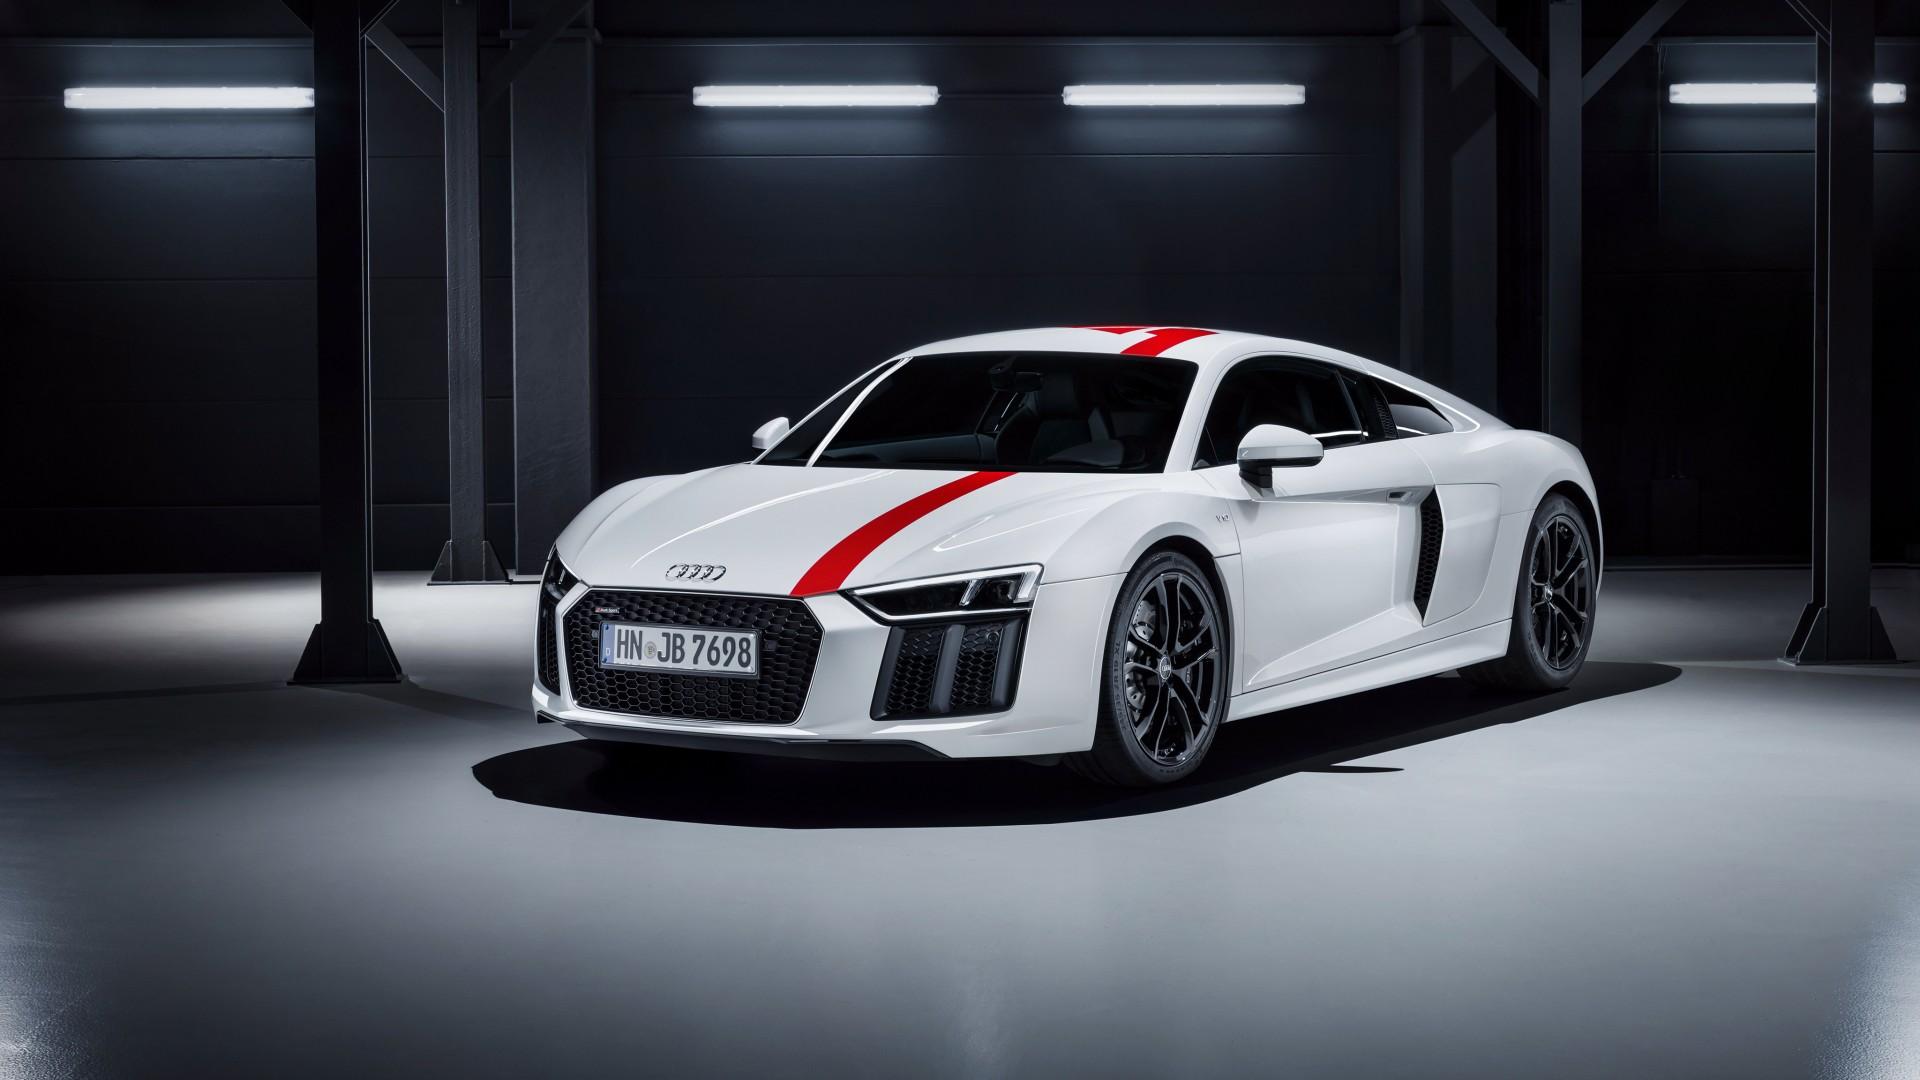 Audi R8 V10 Rws 2018 4k Wallpaper Hd Car Wallpapers Id